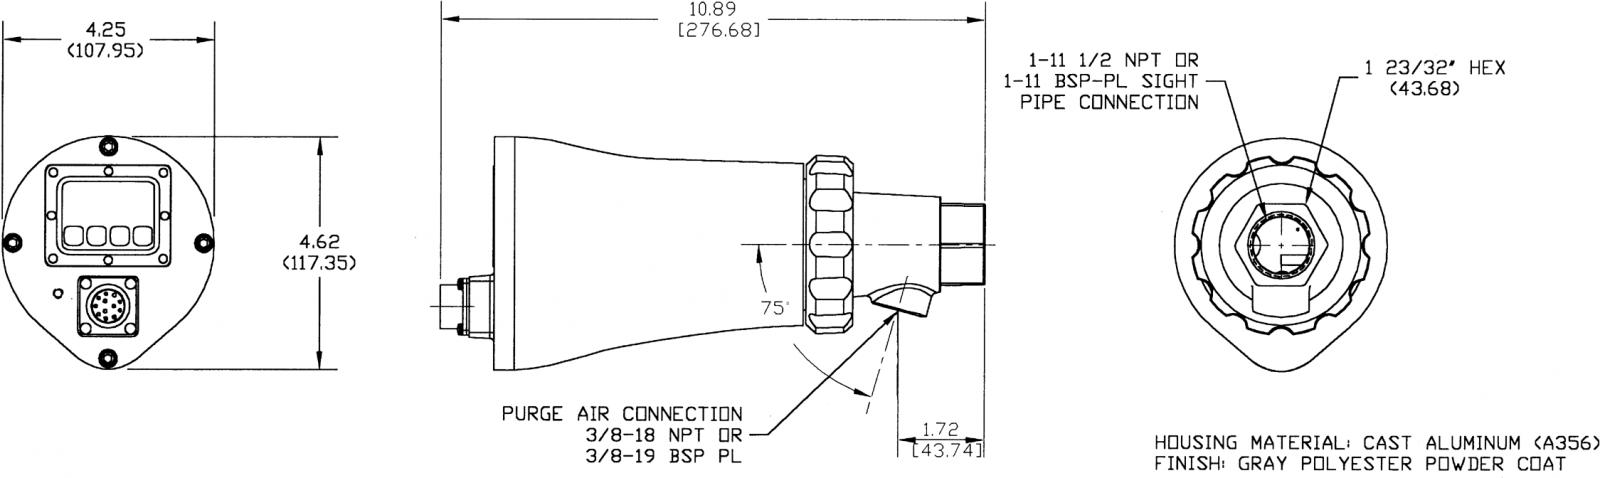 Thiết bị phát hiện ngọn lửa 95IR, 95UV, 95DS Fireye - Cảm biến ngọn lửa Fireye